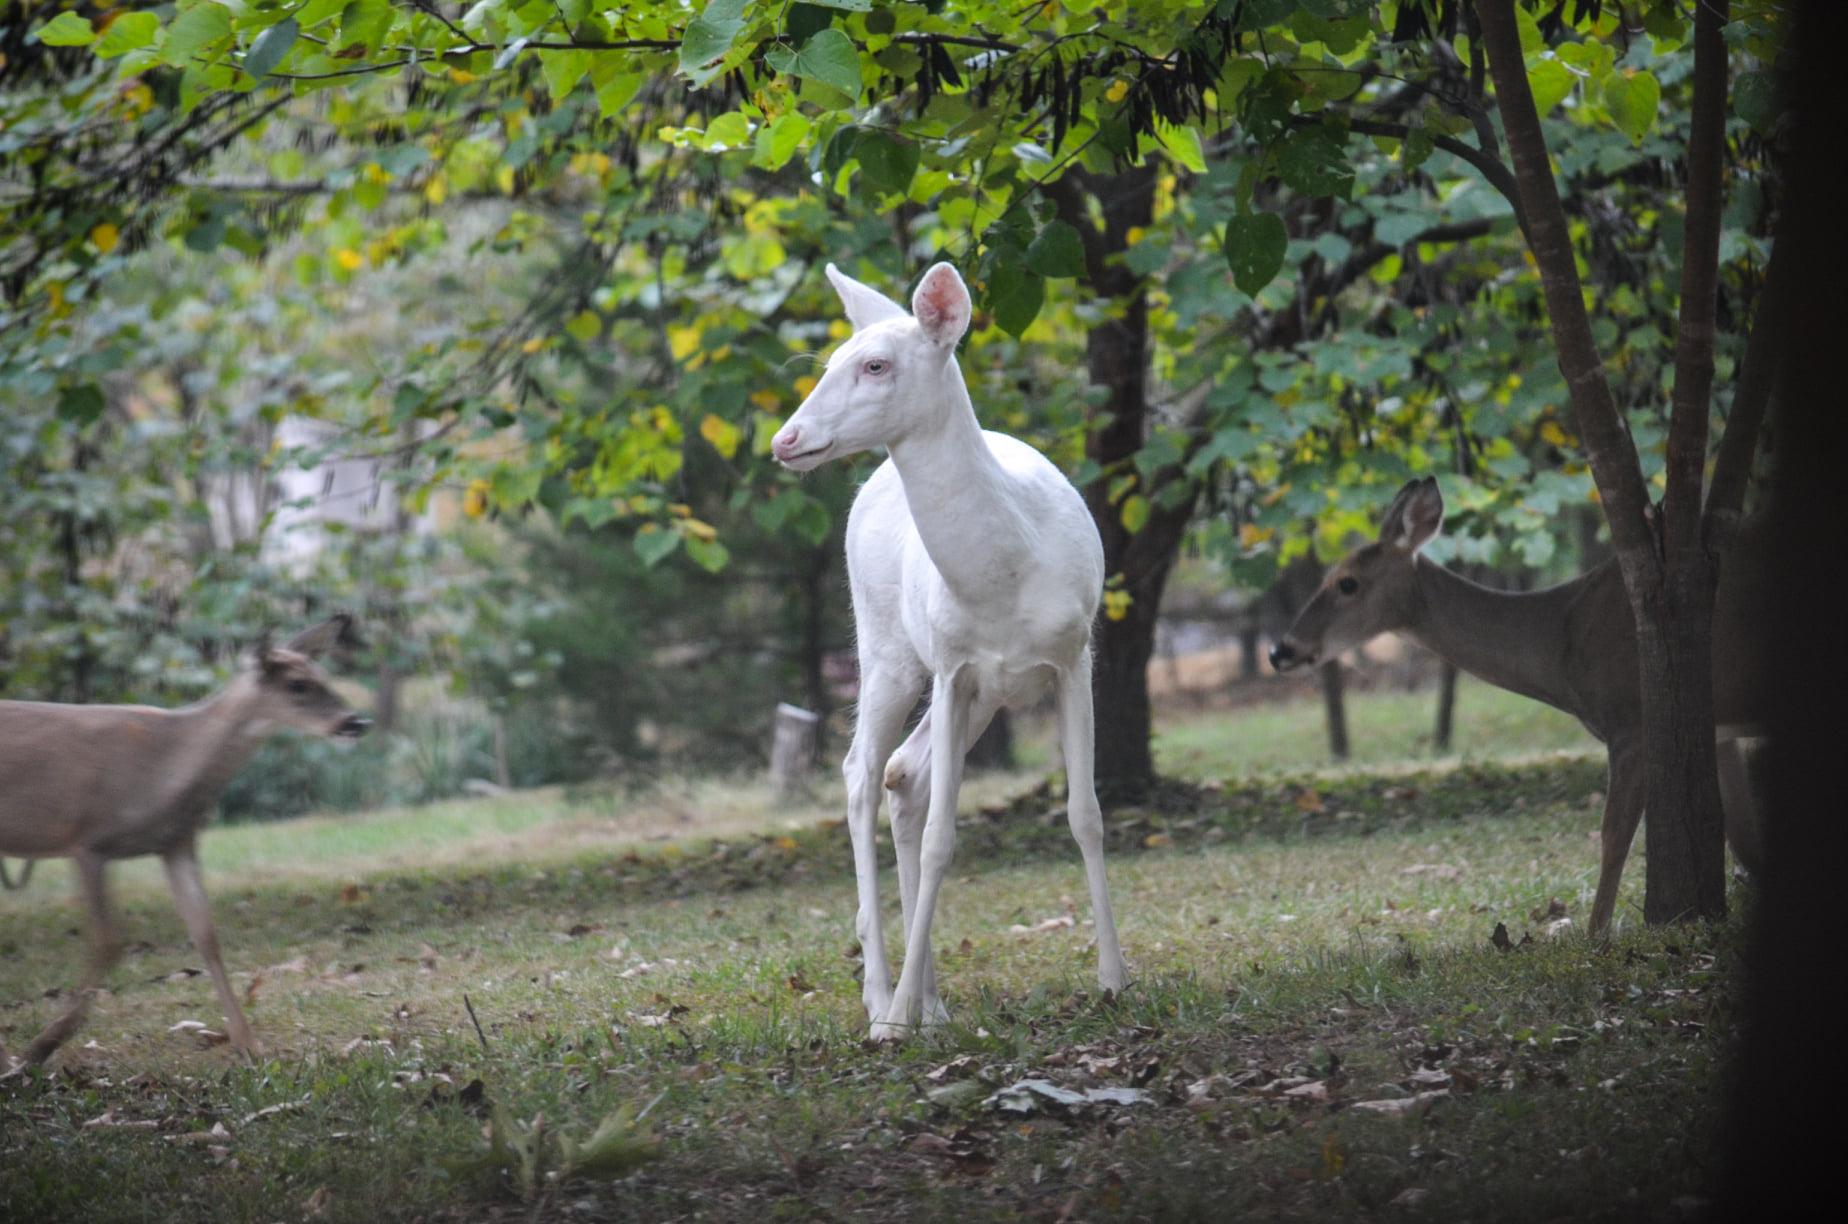 Albino deer picture